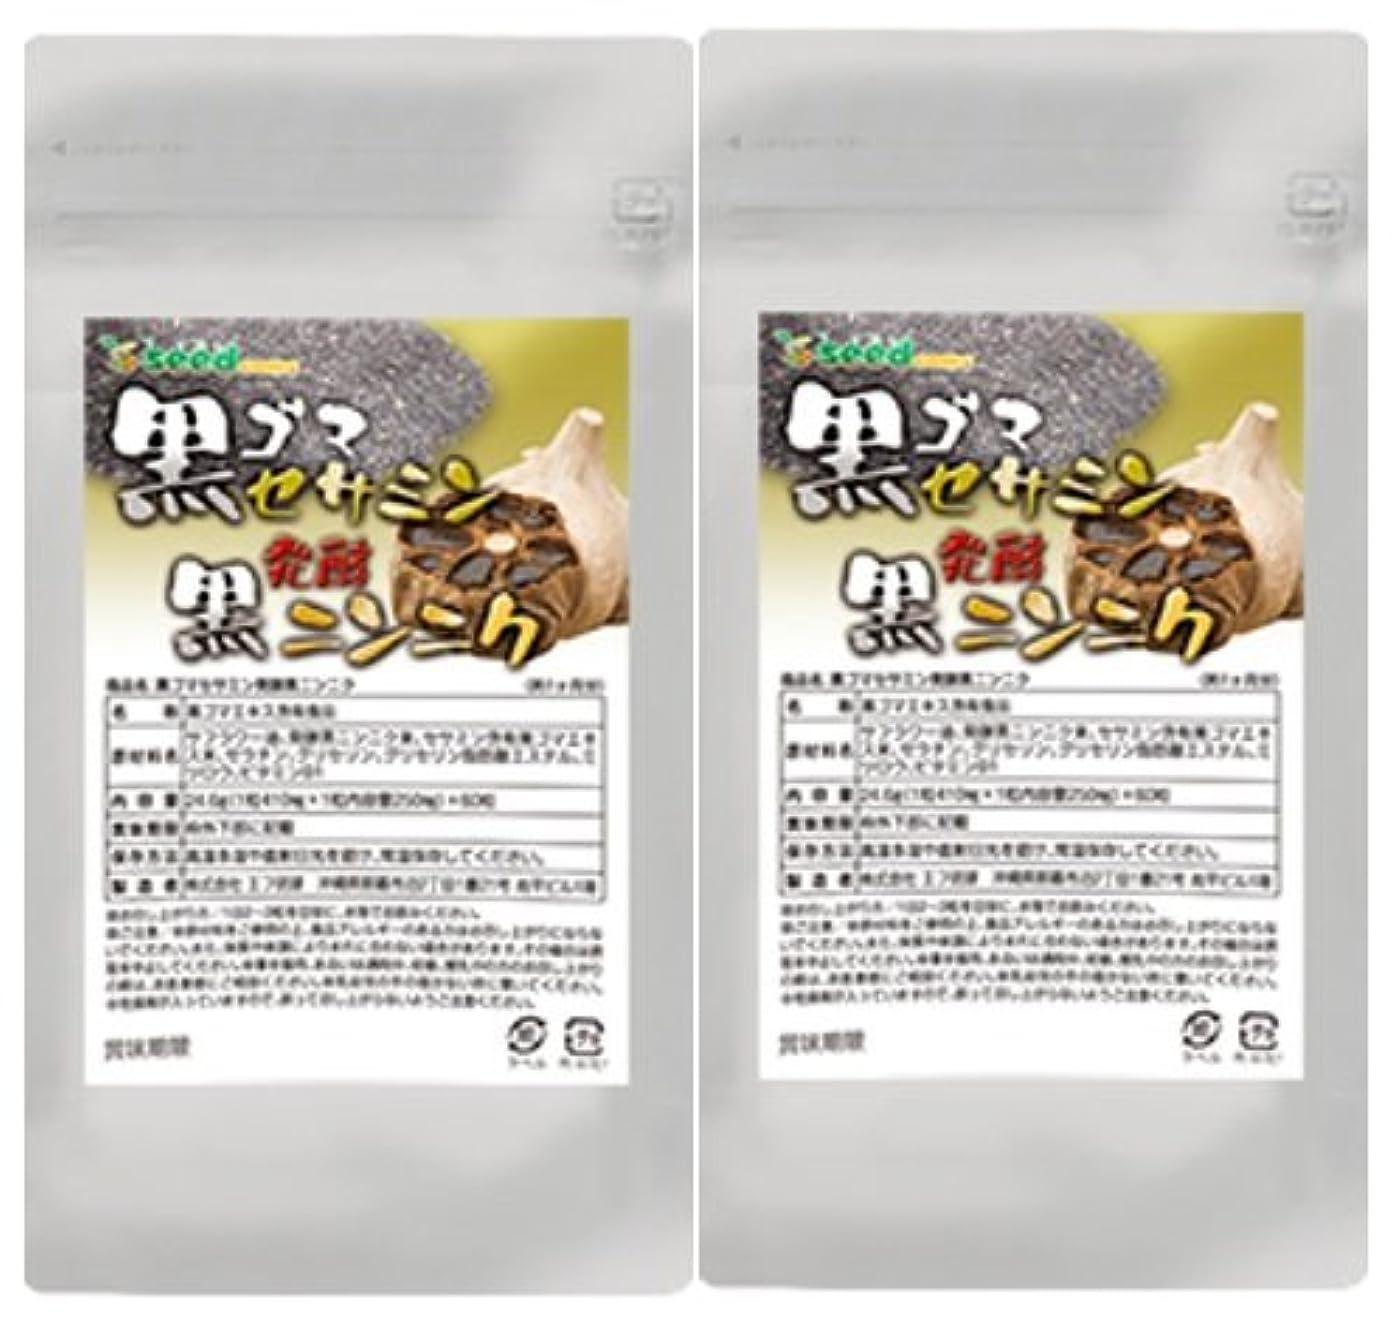 処方する蜜まぶしさ黒ゴマセサミン&発酵黒ニンニク (S-アリルシステイン、DATSを効率よく取り入れる) (約6ケ月分)